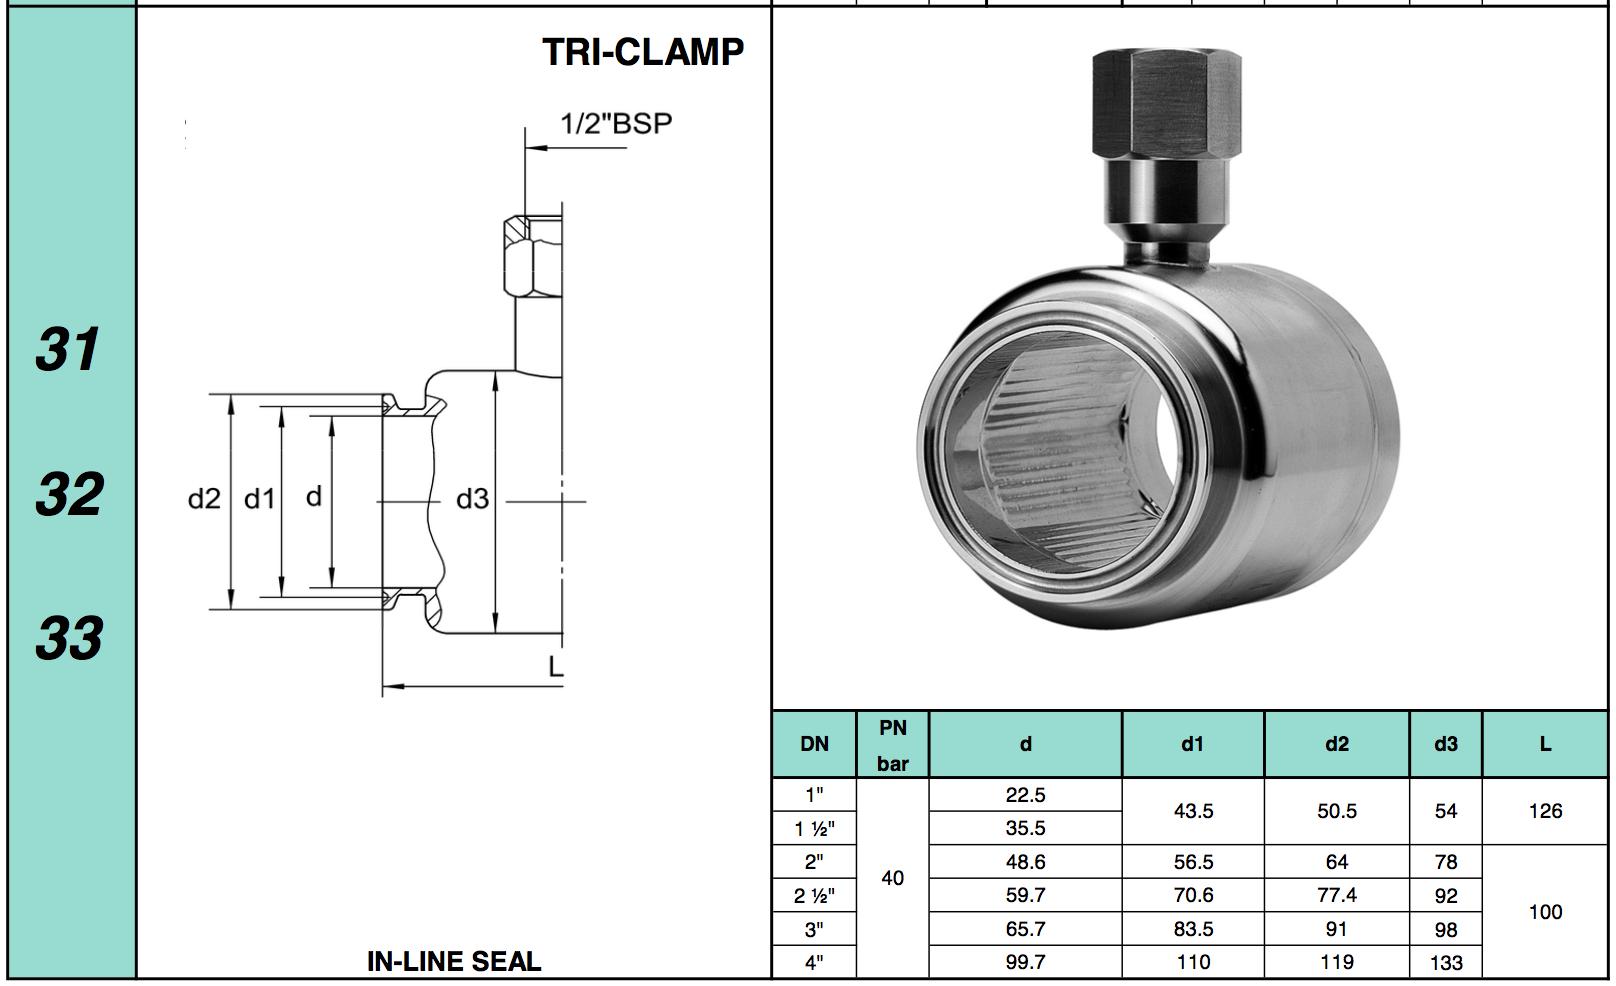 chuẩn kết nối dạng sanitary Tri Clamp